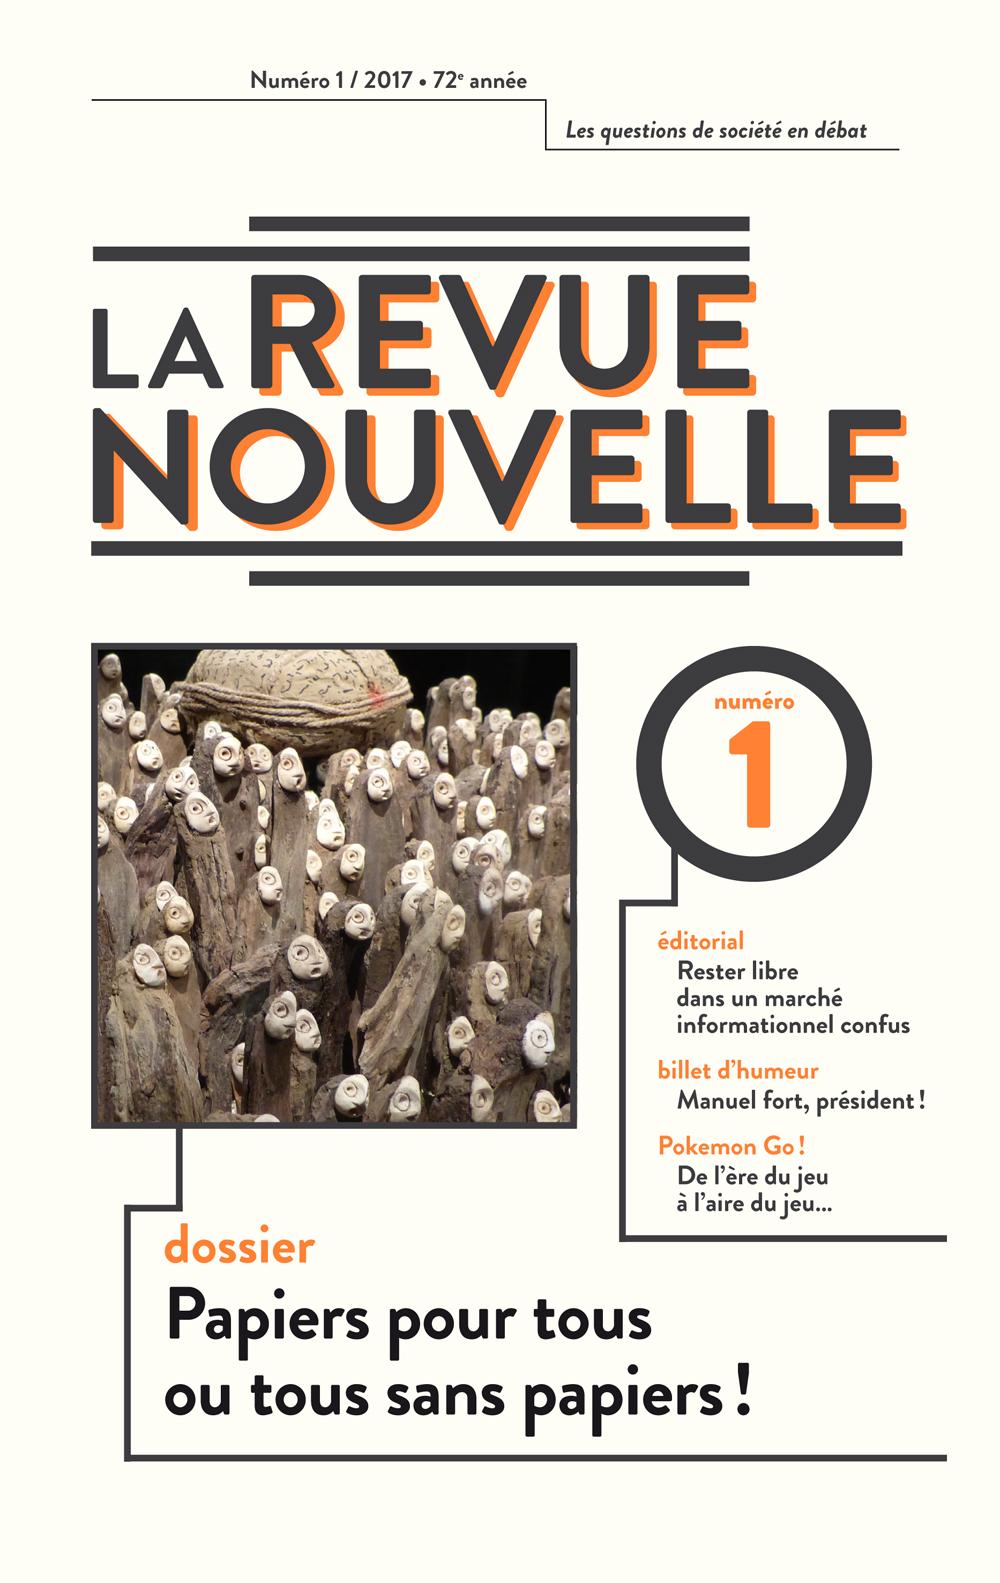 la revue nouvelle cover 1 2017